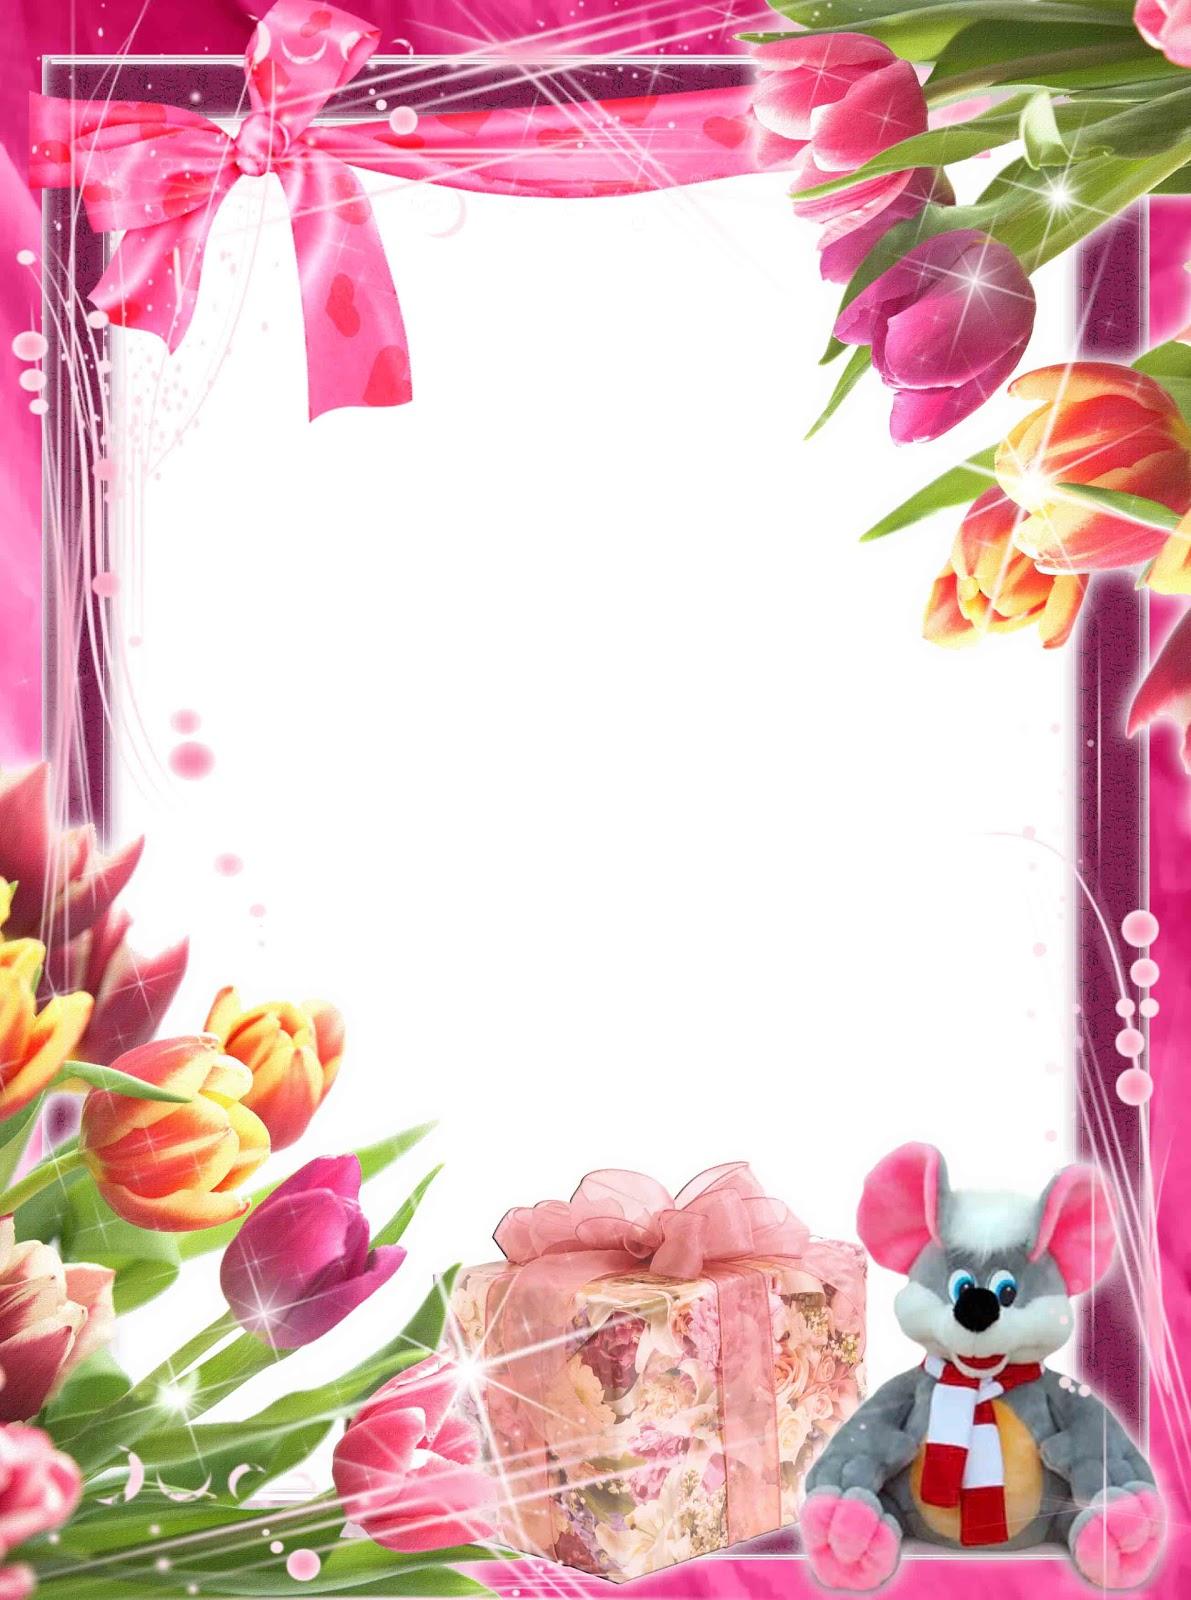 flowers png frame flowers frame. Black Bedroom Furniture Sets. Home Design Ideas